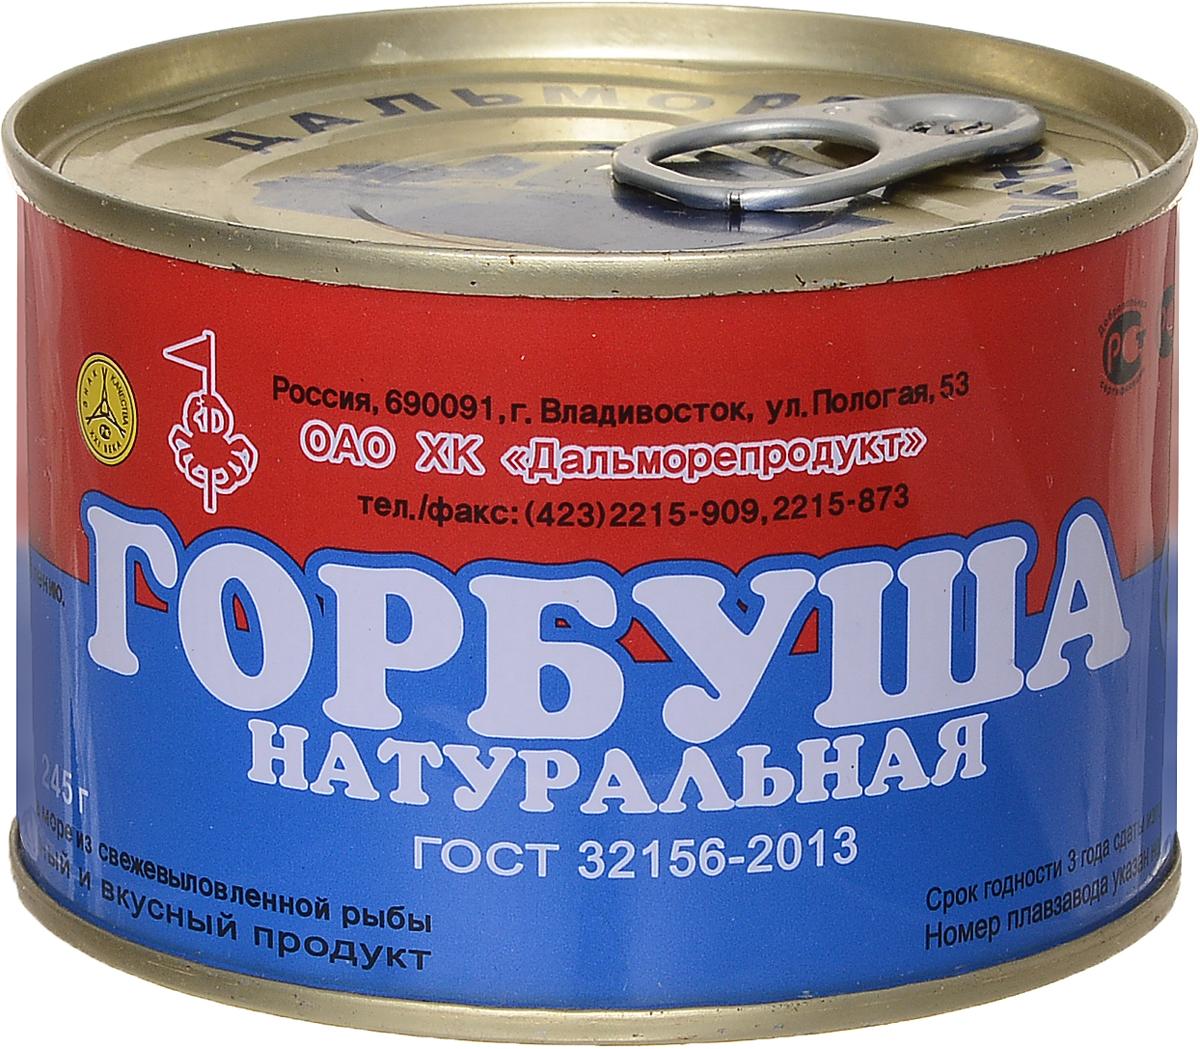 Дальморепродукт Горбуша натуральная, 245 г2714Изготовлено в море из свежевыловленной рыбы.Натуральный и вкусный продукт.